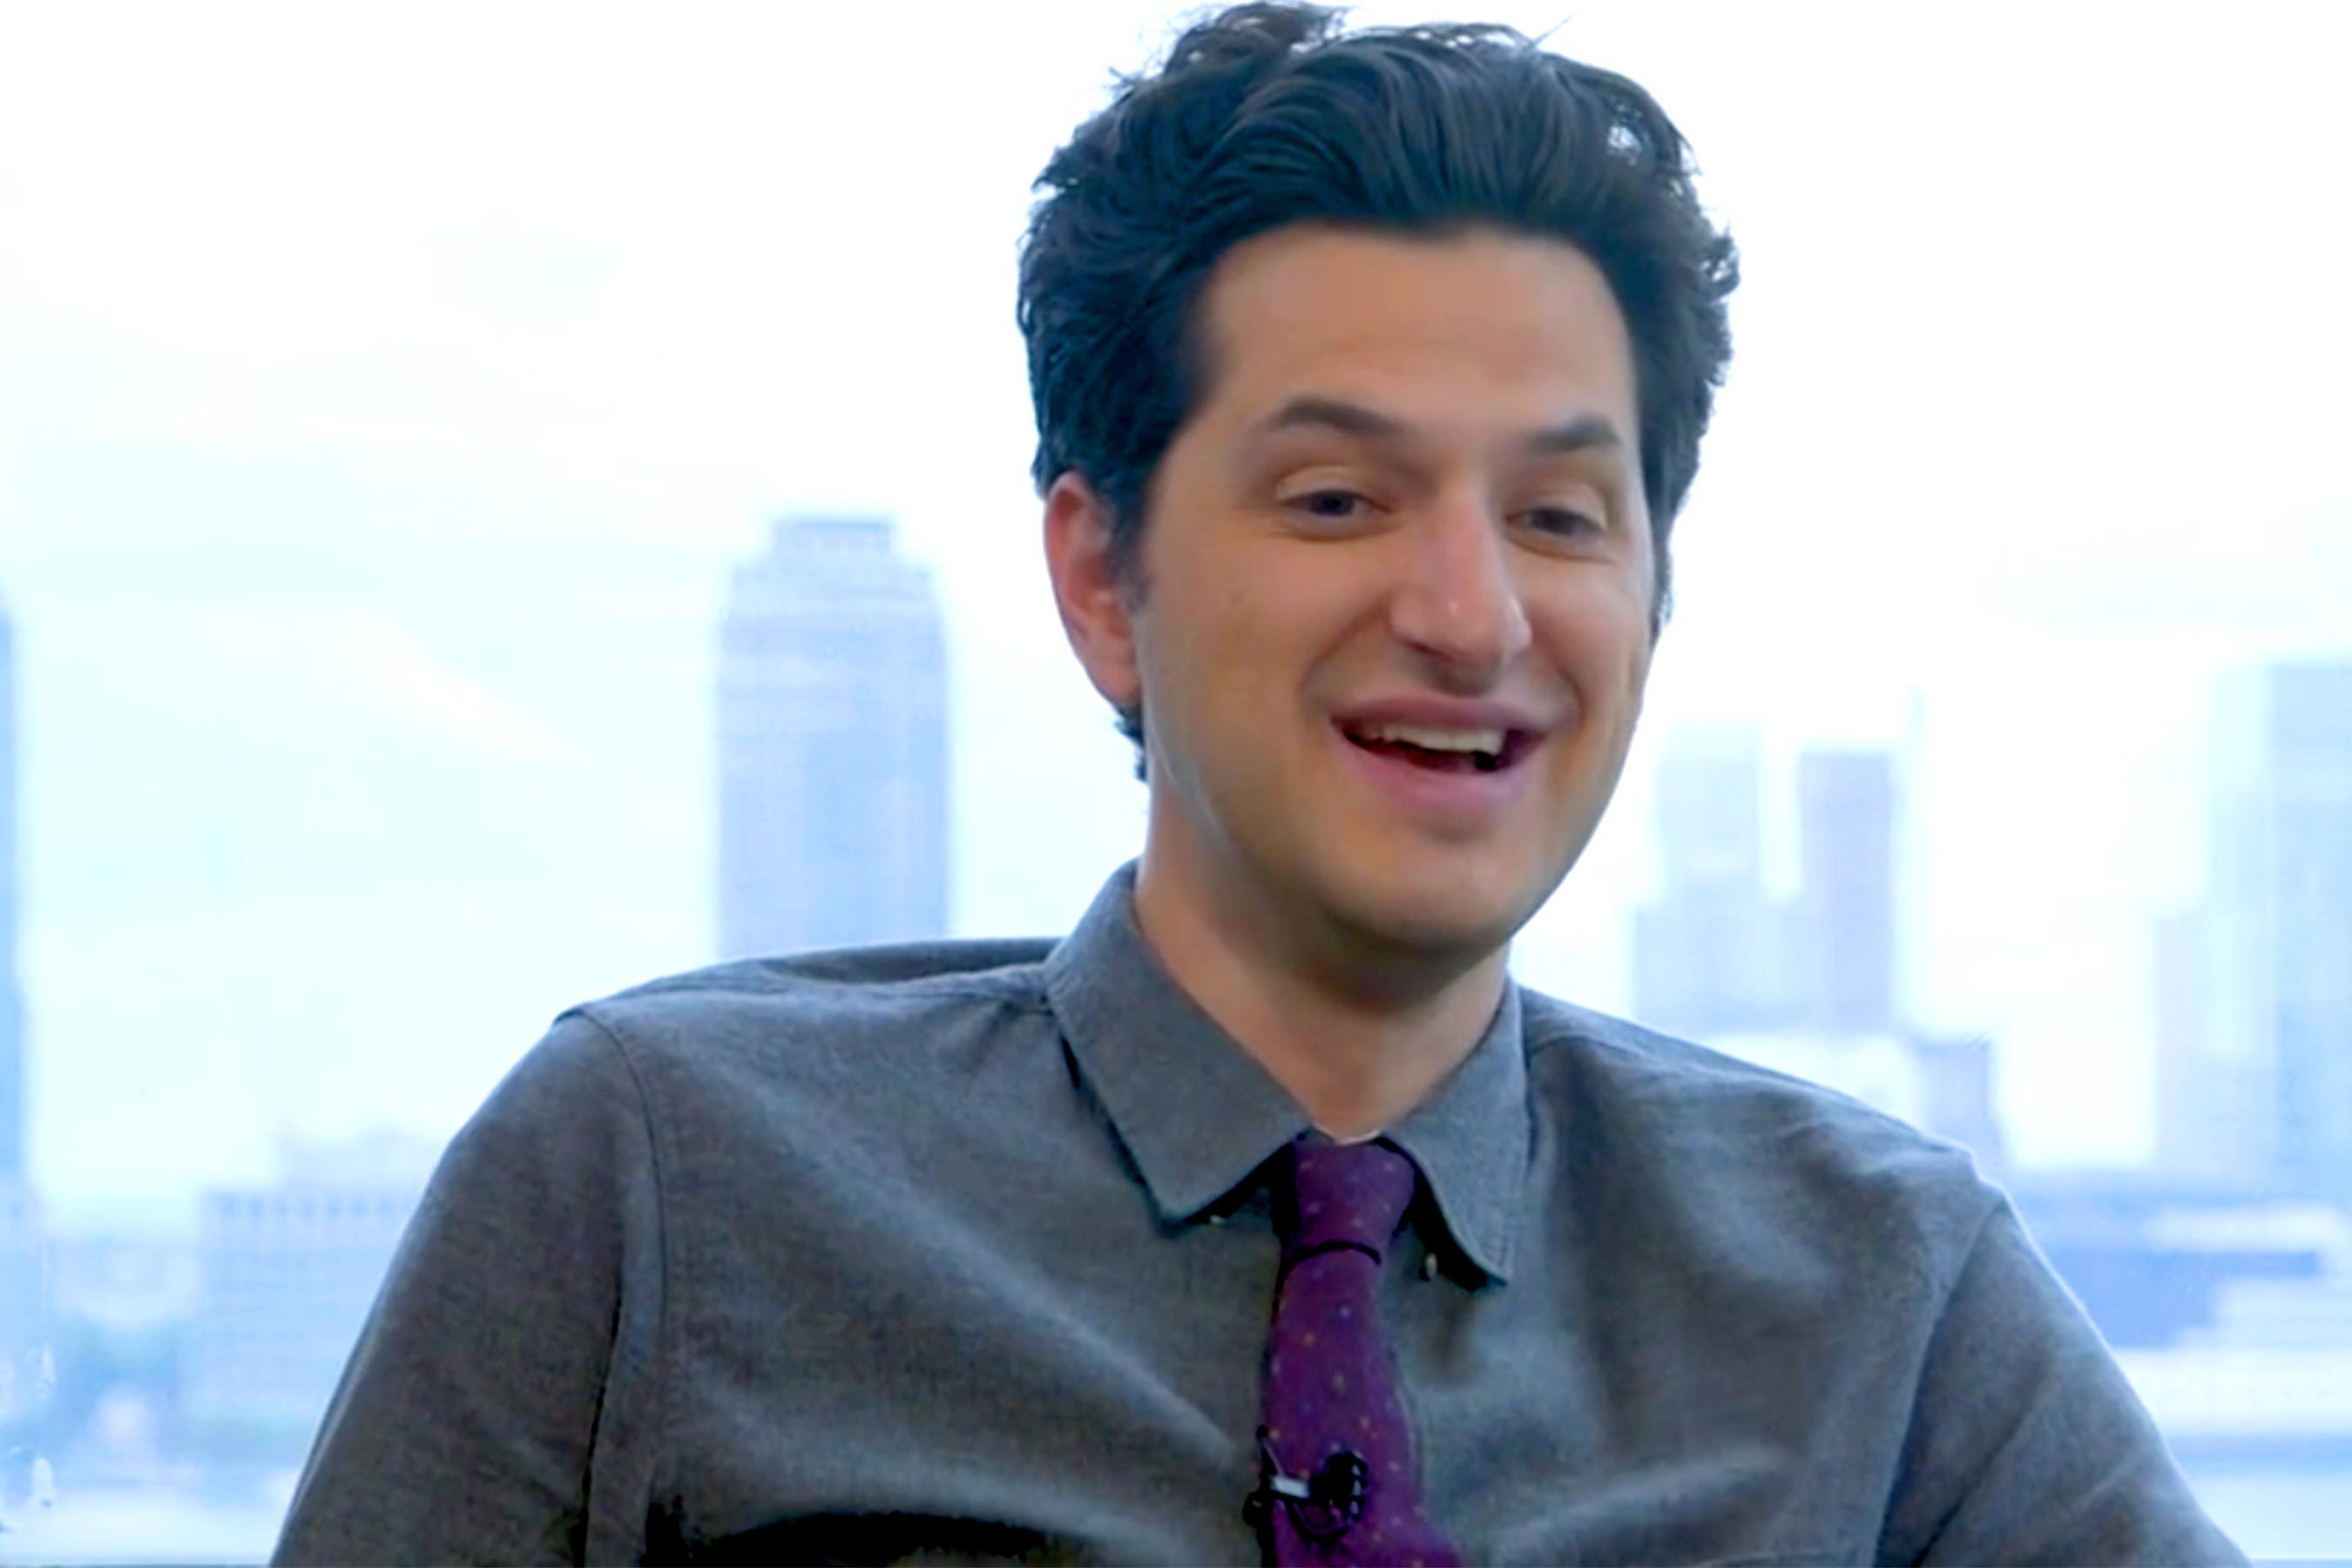 Ben Schwartz to voice 'Sonic the Hedgehog' in  movie